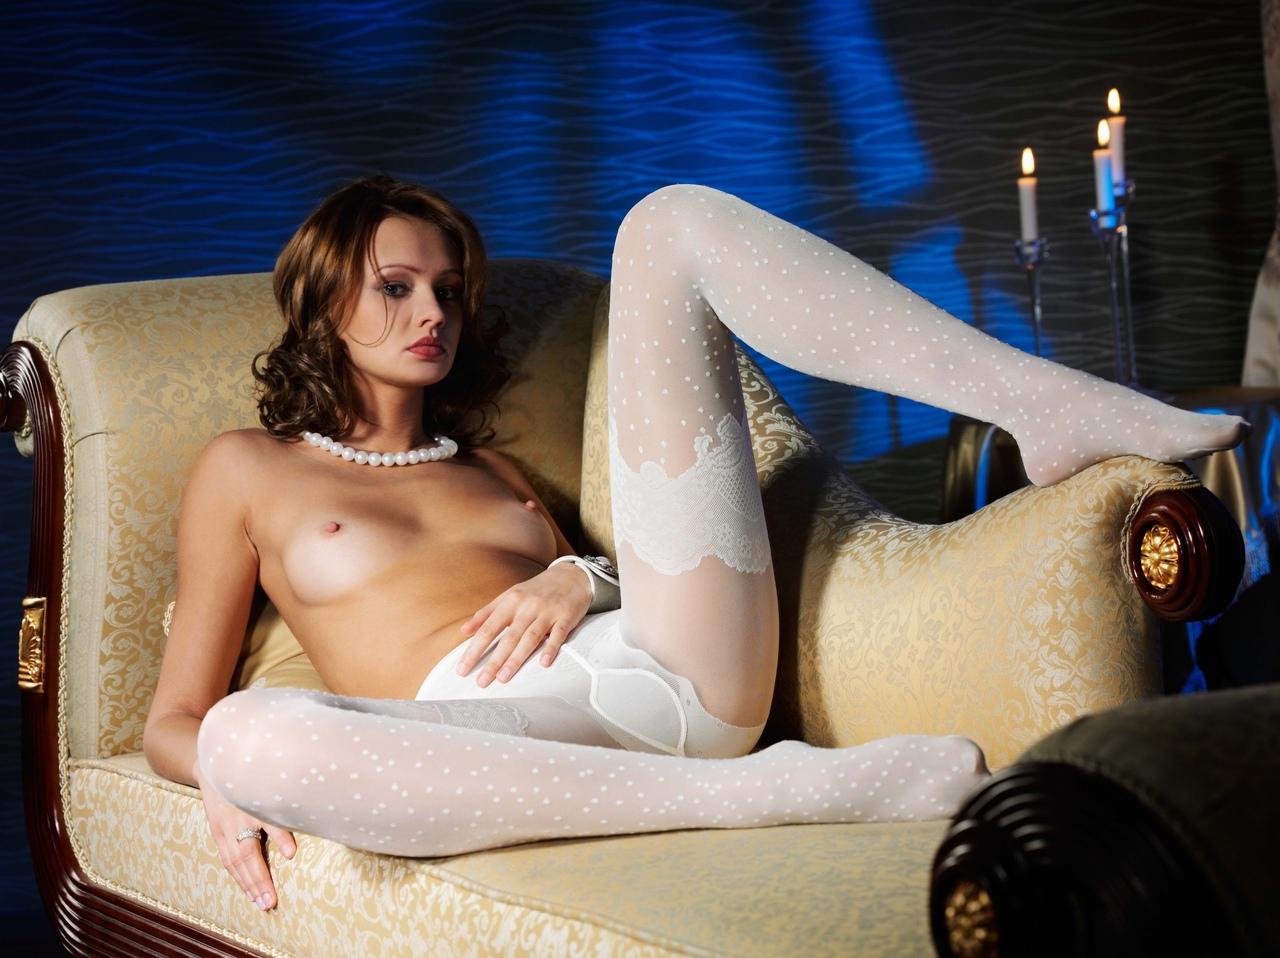 женщина в колготках на голое тело на рабочий стол